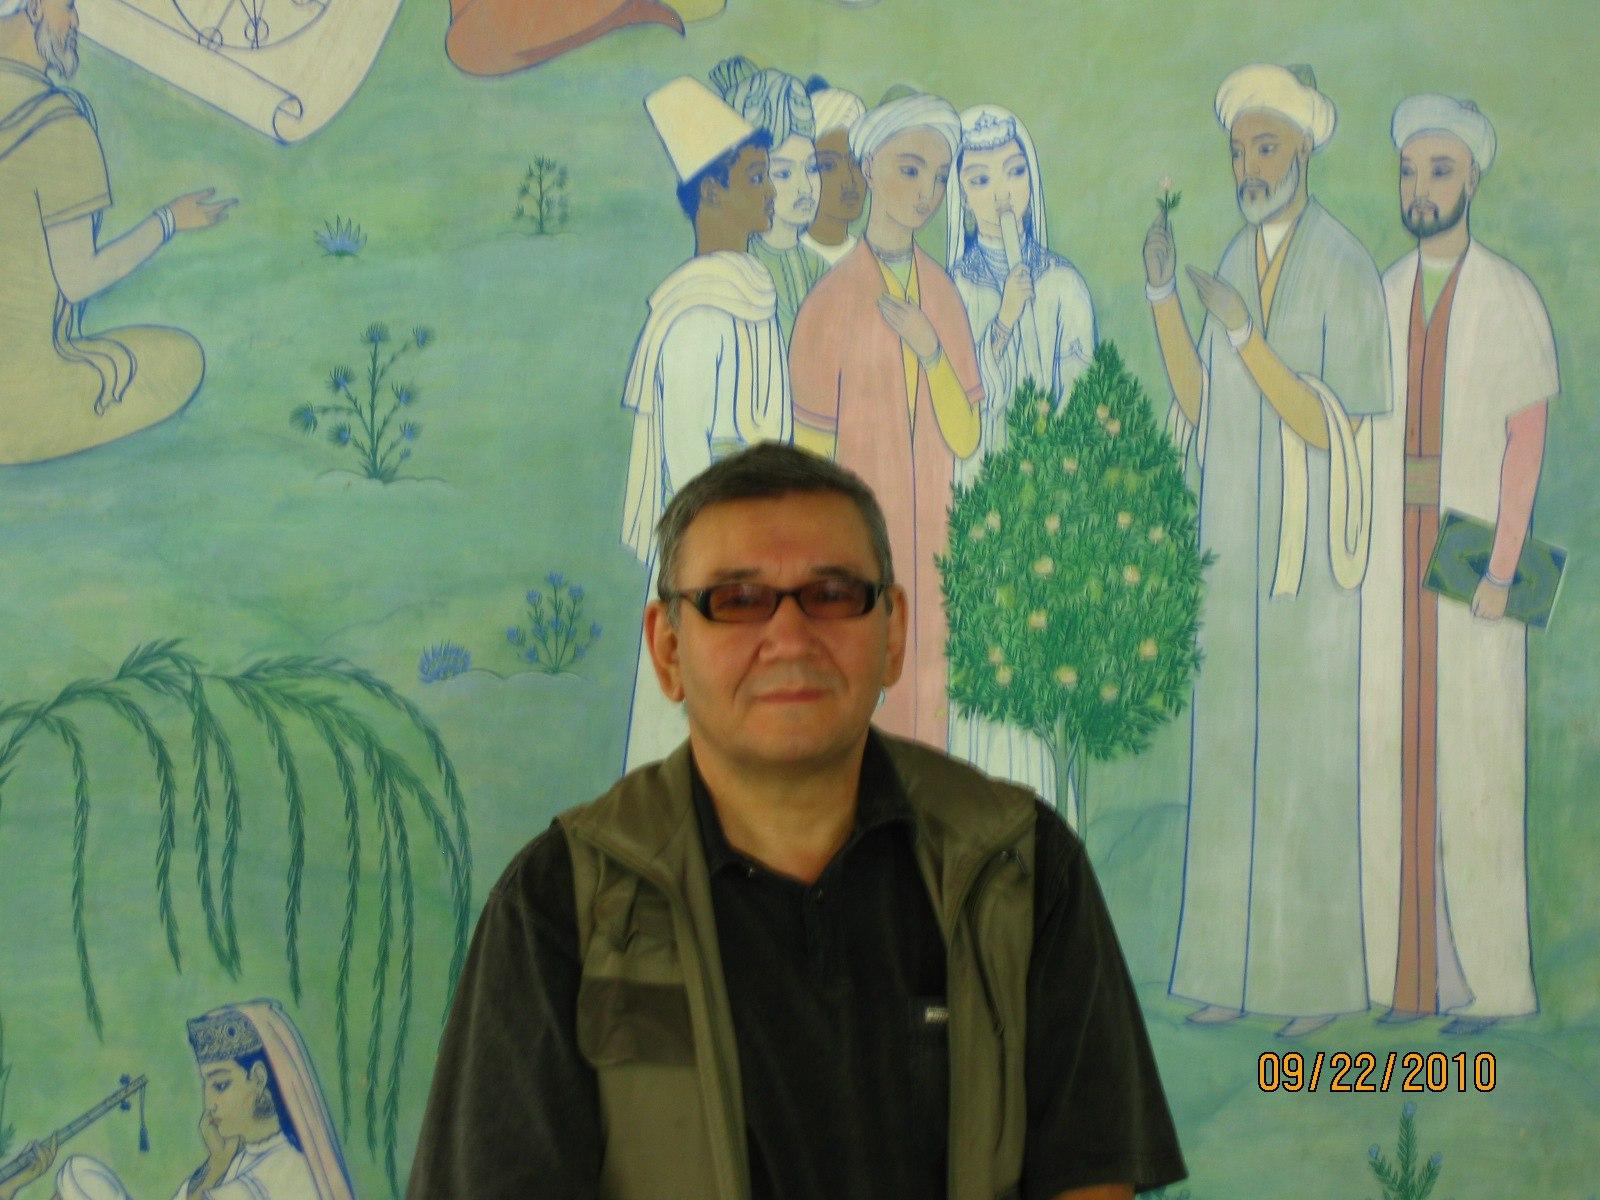 Современные суфийские группы в Узбекистане и Центральной Азии  О суфизме в истории Центральной Азии